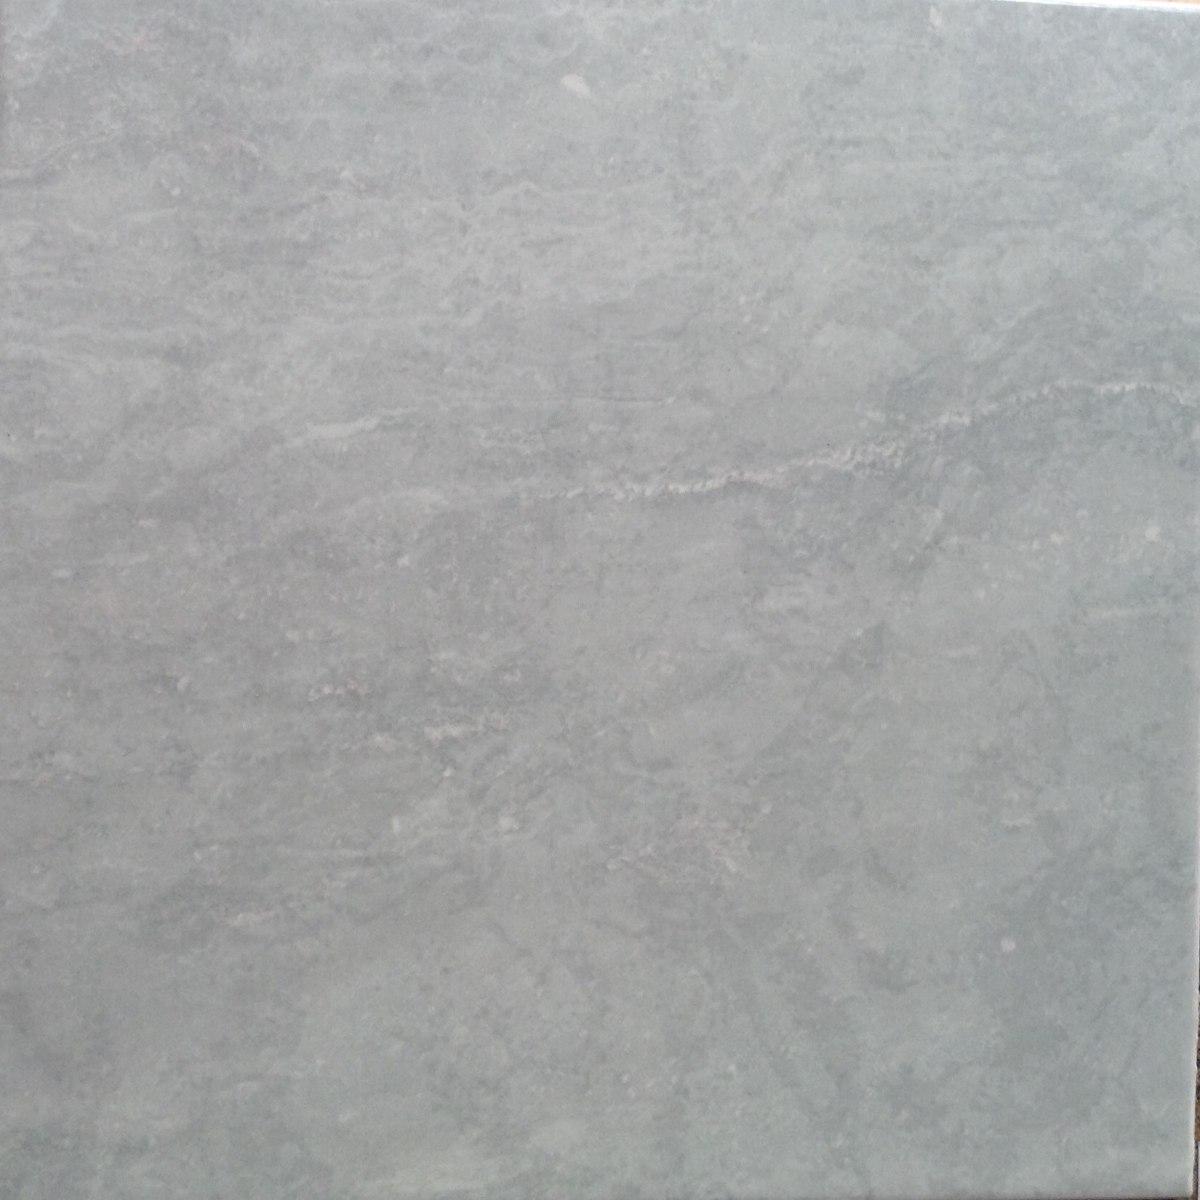 Cer mica charlotte gris pizarra 32x32 para pared y o piso for Ceramica para pared